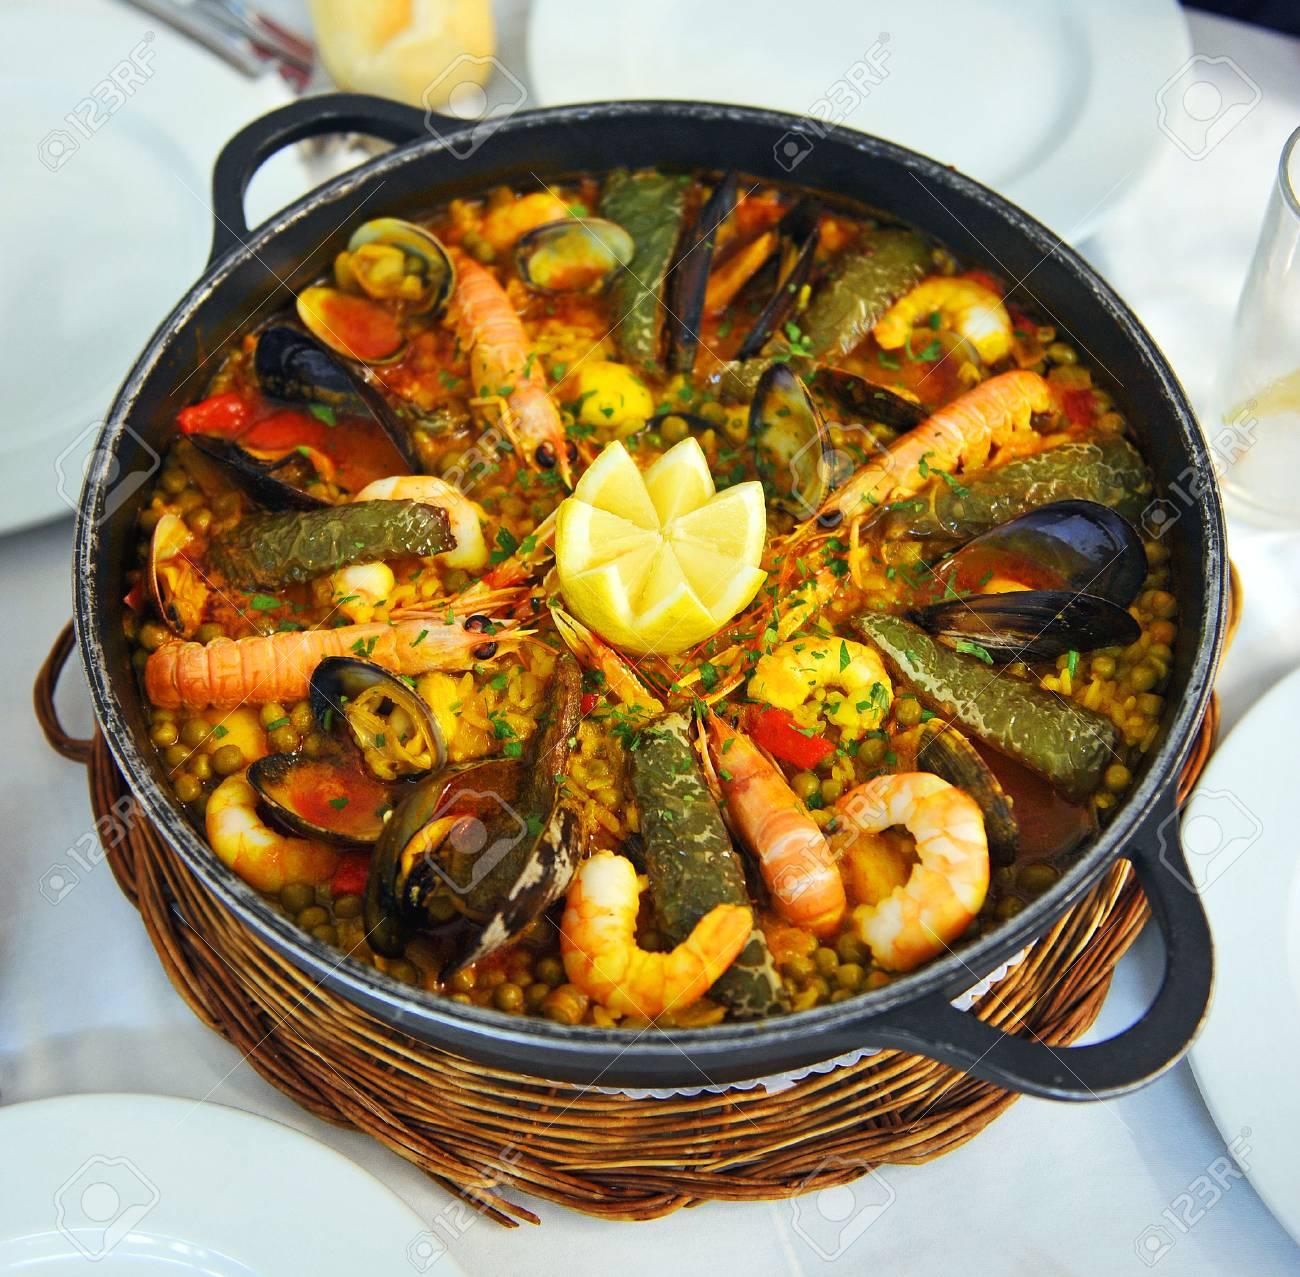 Mediterranische Küche | Reis Mit Meeresfruchten Mediterrane Kuche Typisches Gericht